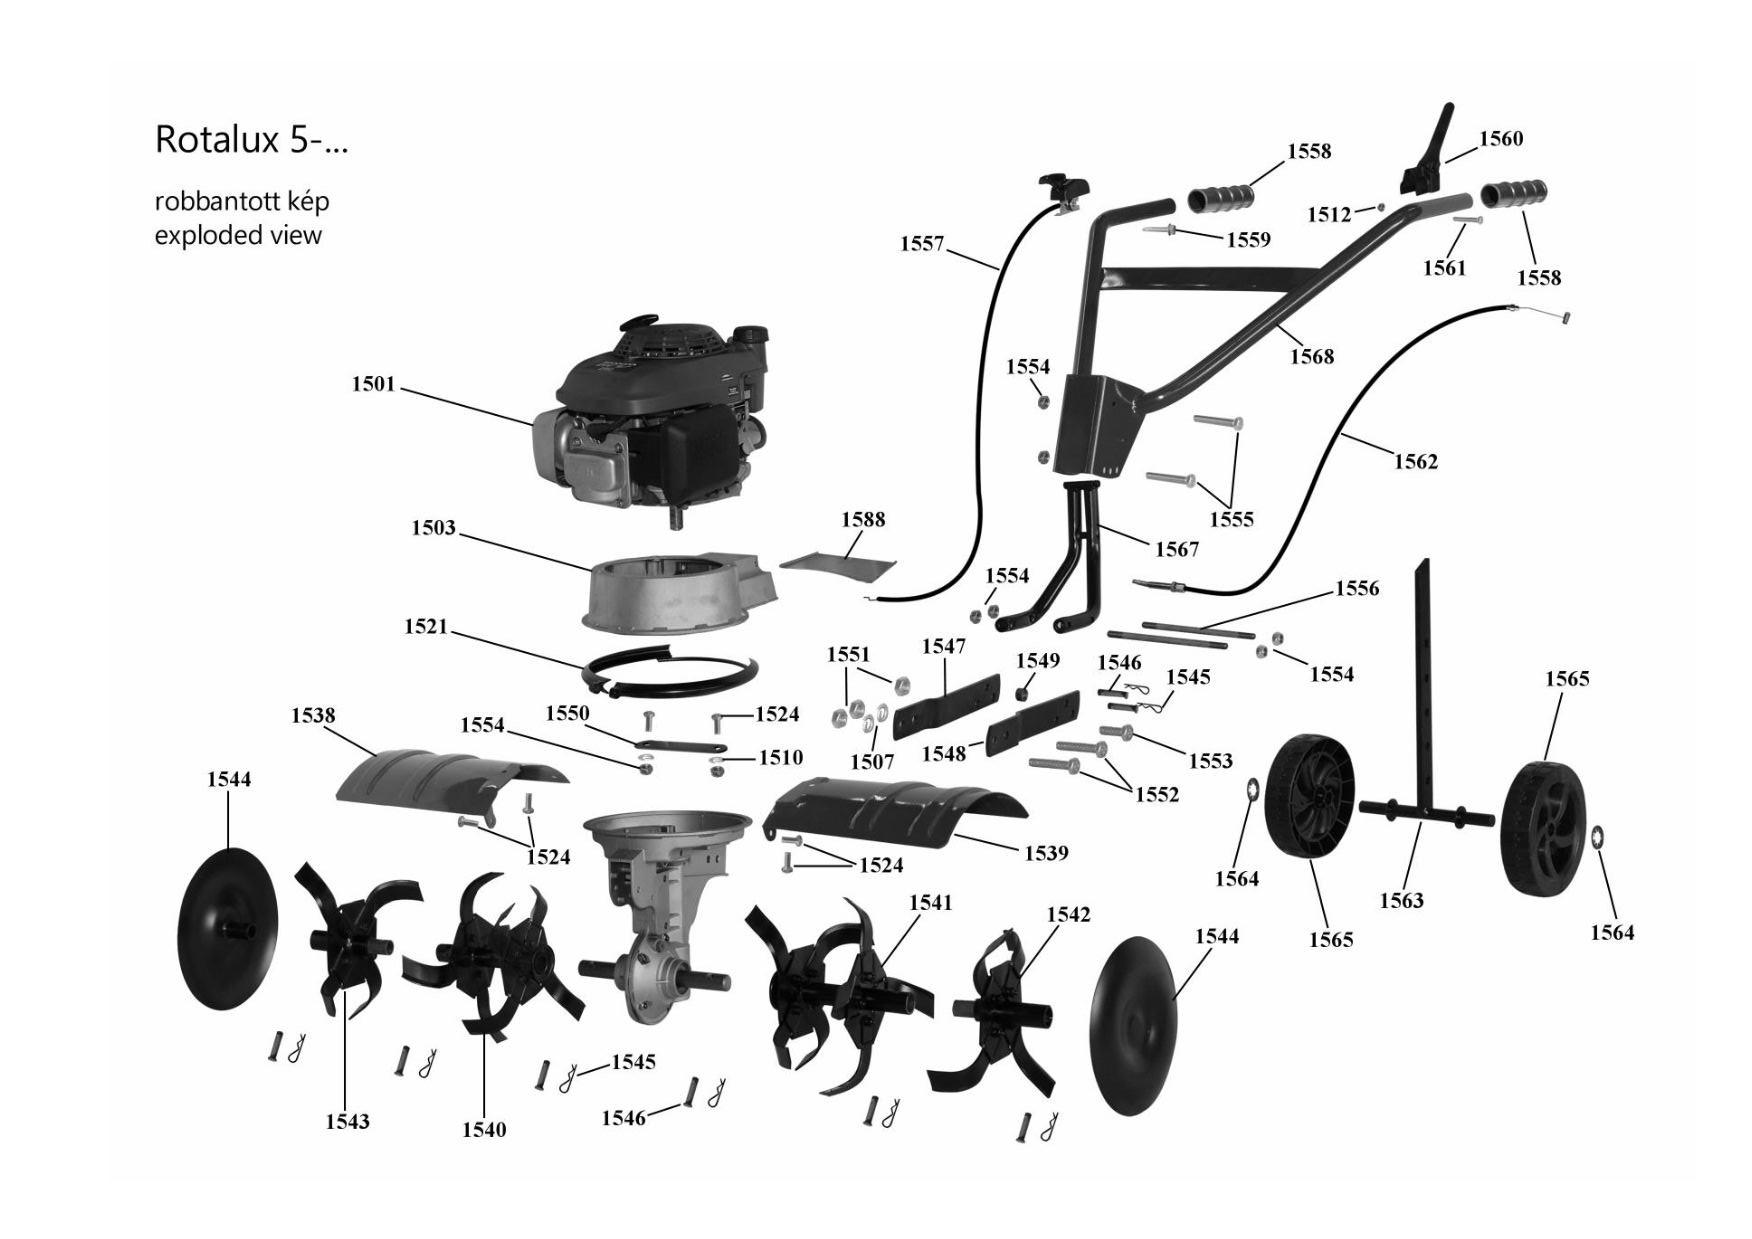 Agrimotor® 55034776 kuplung kar+támasz müa. - Rotalux52A / Rotalux5 - rotációs kapálógép - 1780 - 1560 - eredeti minőségi alkatrész*